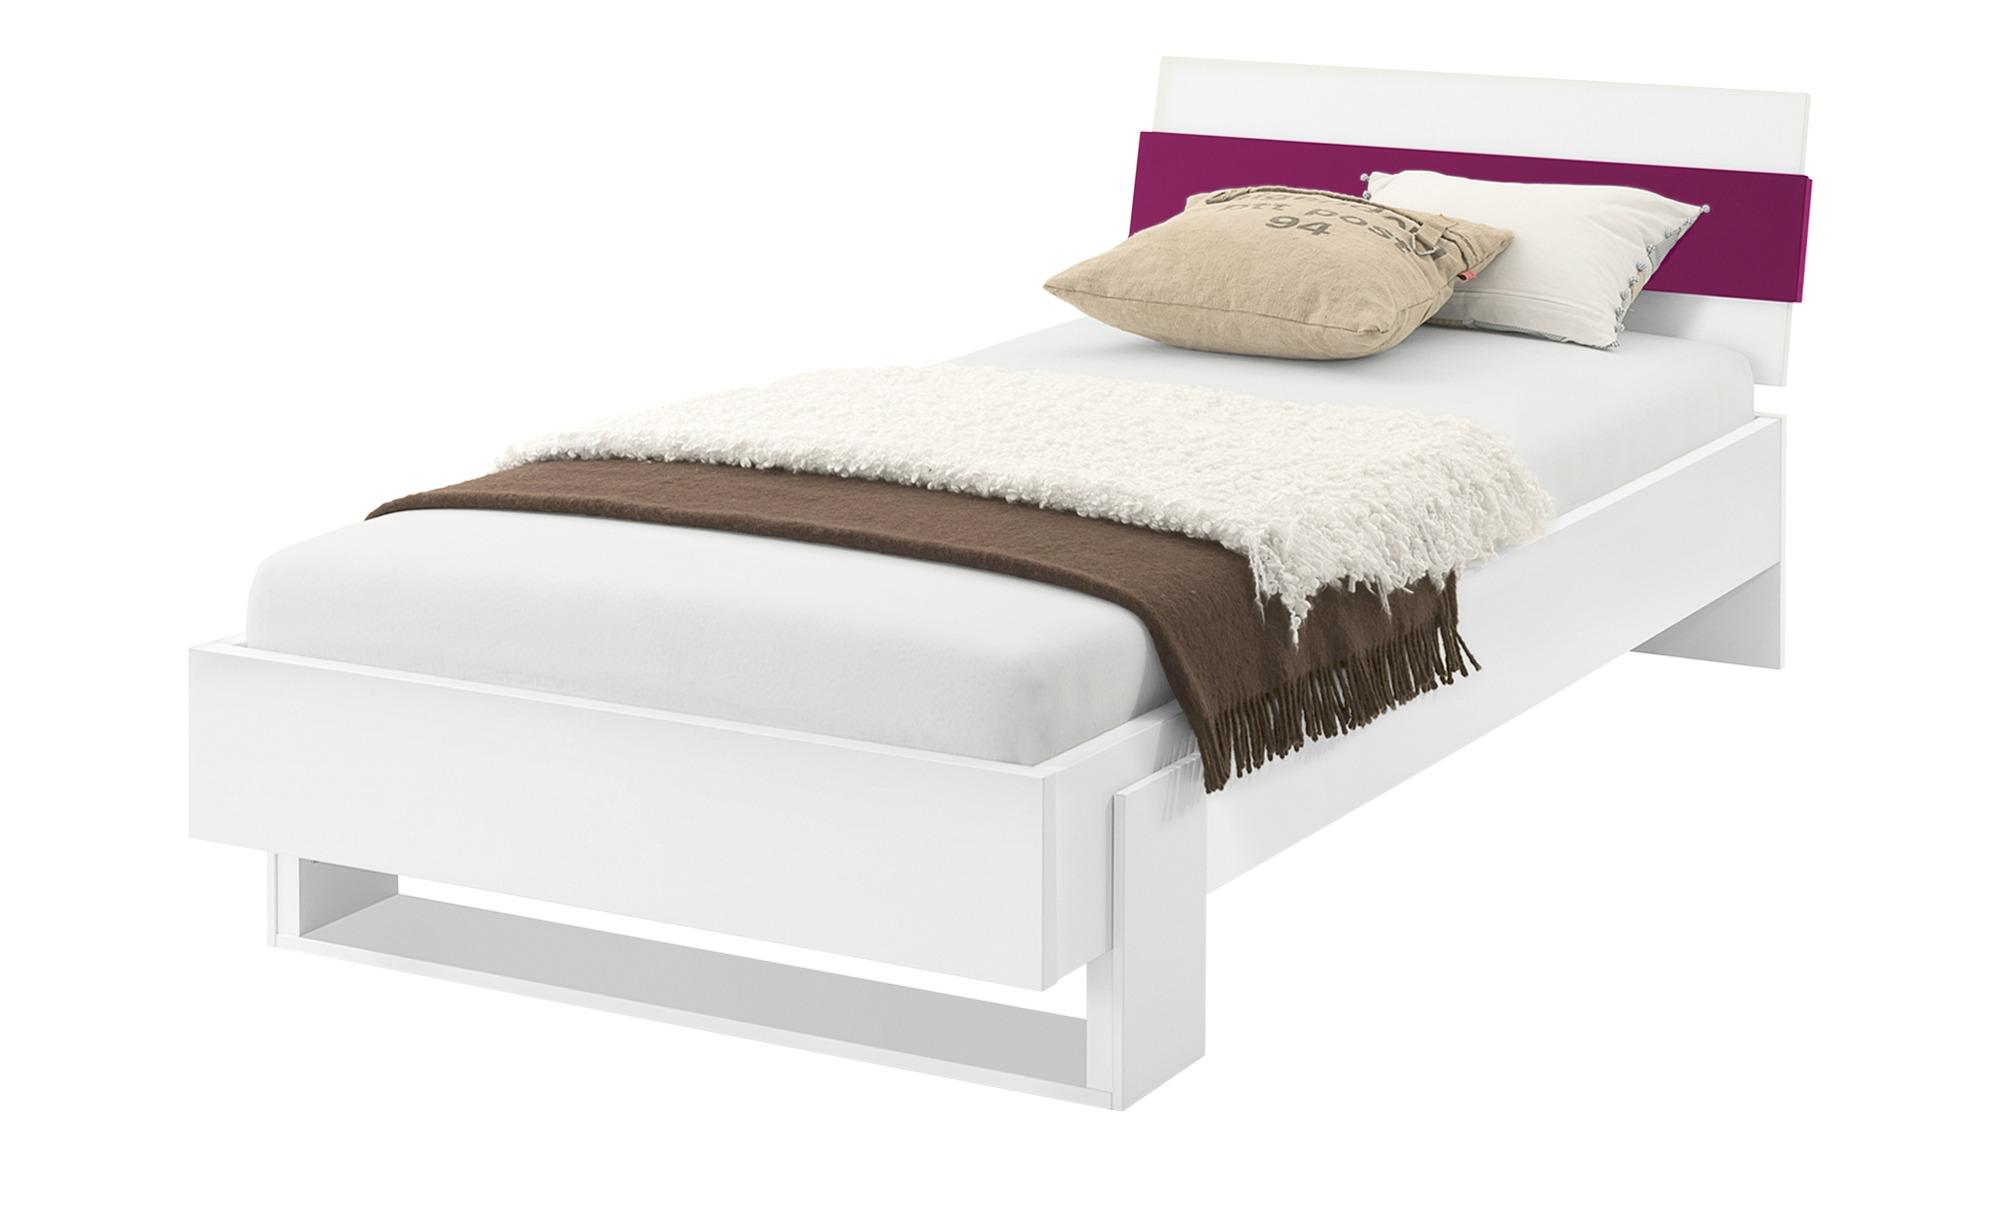 Full Size of Bett Weiß 100x200 Betten Holz Eiche Massiv 180x200 Mit Schubladen 90x200 De Gästebett Balken Selber Bauen Lattenrost Und Matratze Box Spring Weißes 160x200 Bett Bett 90x200 Weiß